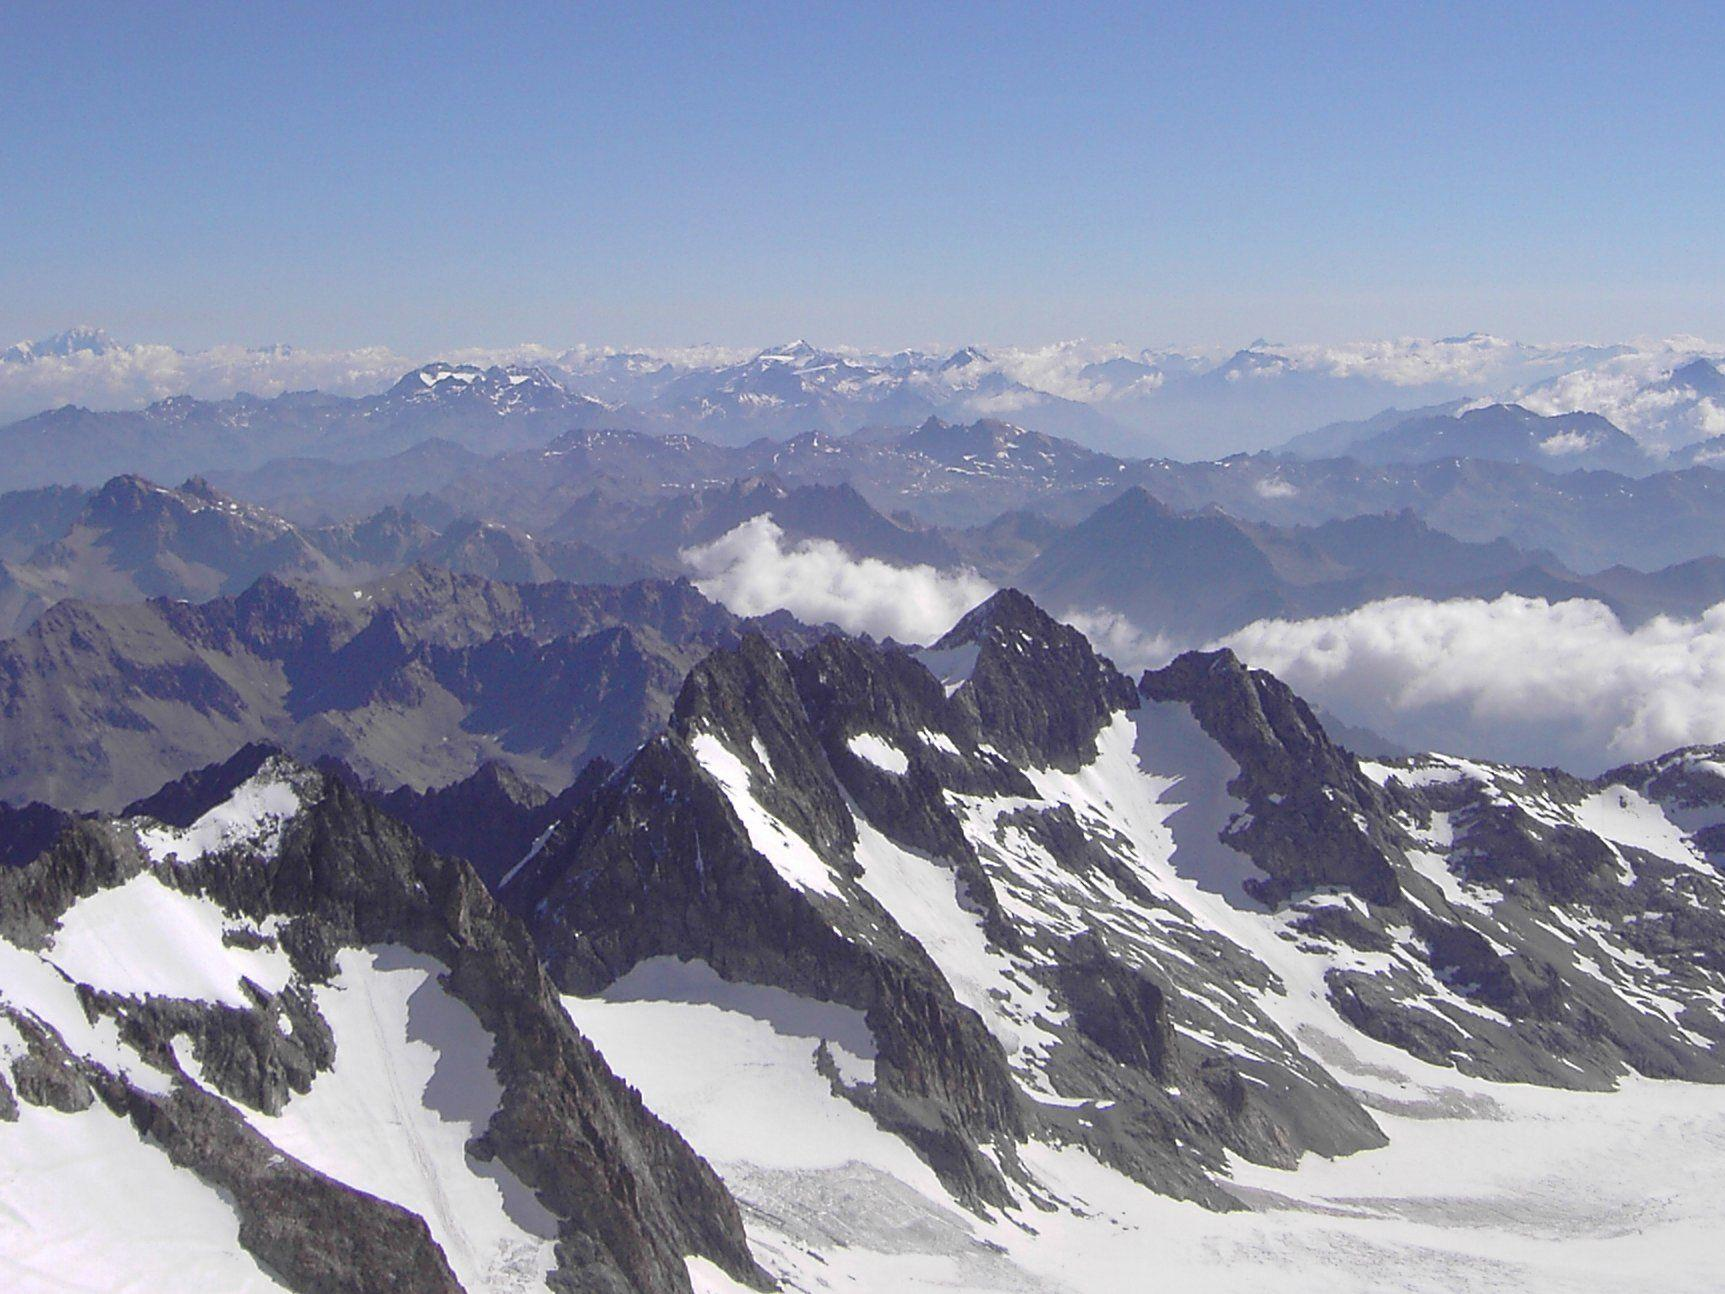 Die Alpinisten. die in Frankreich von einer Lawine erfasst wurden, werden noch nicht nach Österreich zurückkommen.